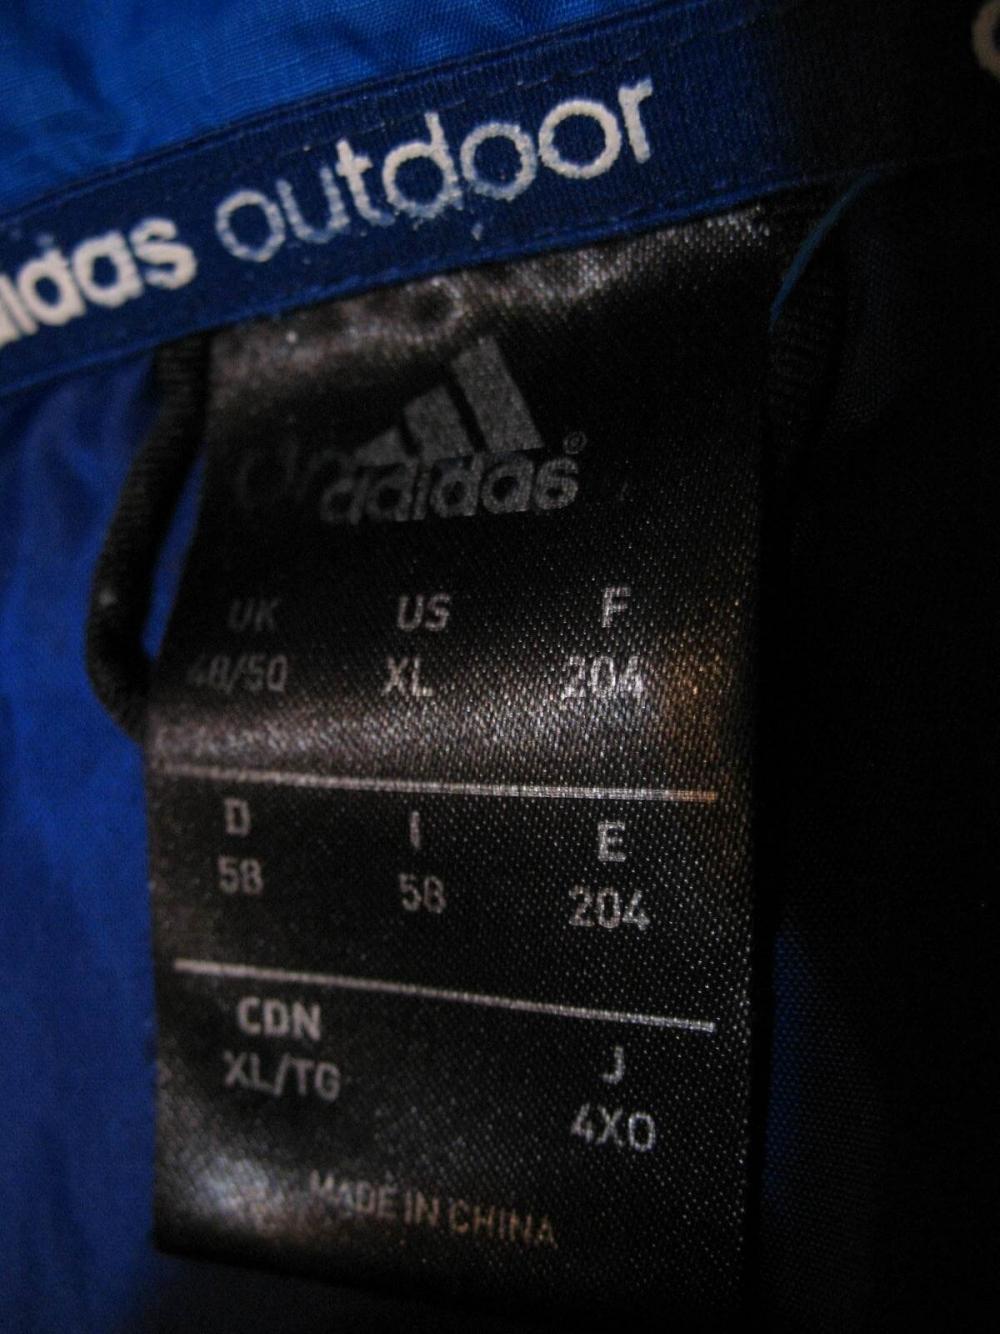 Куртка ADIDAS outdoor terrex primaloft jacket (размер XL/XXL) - 9